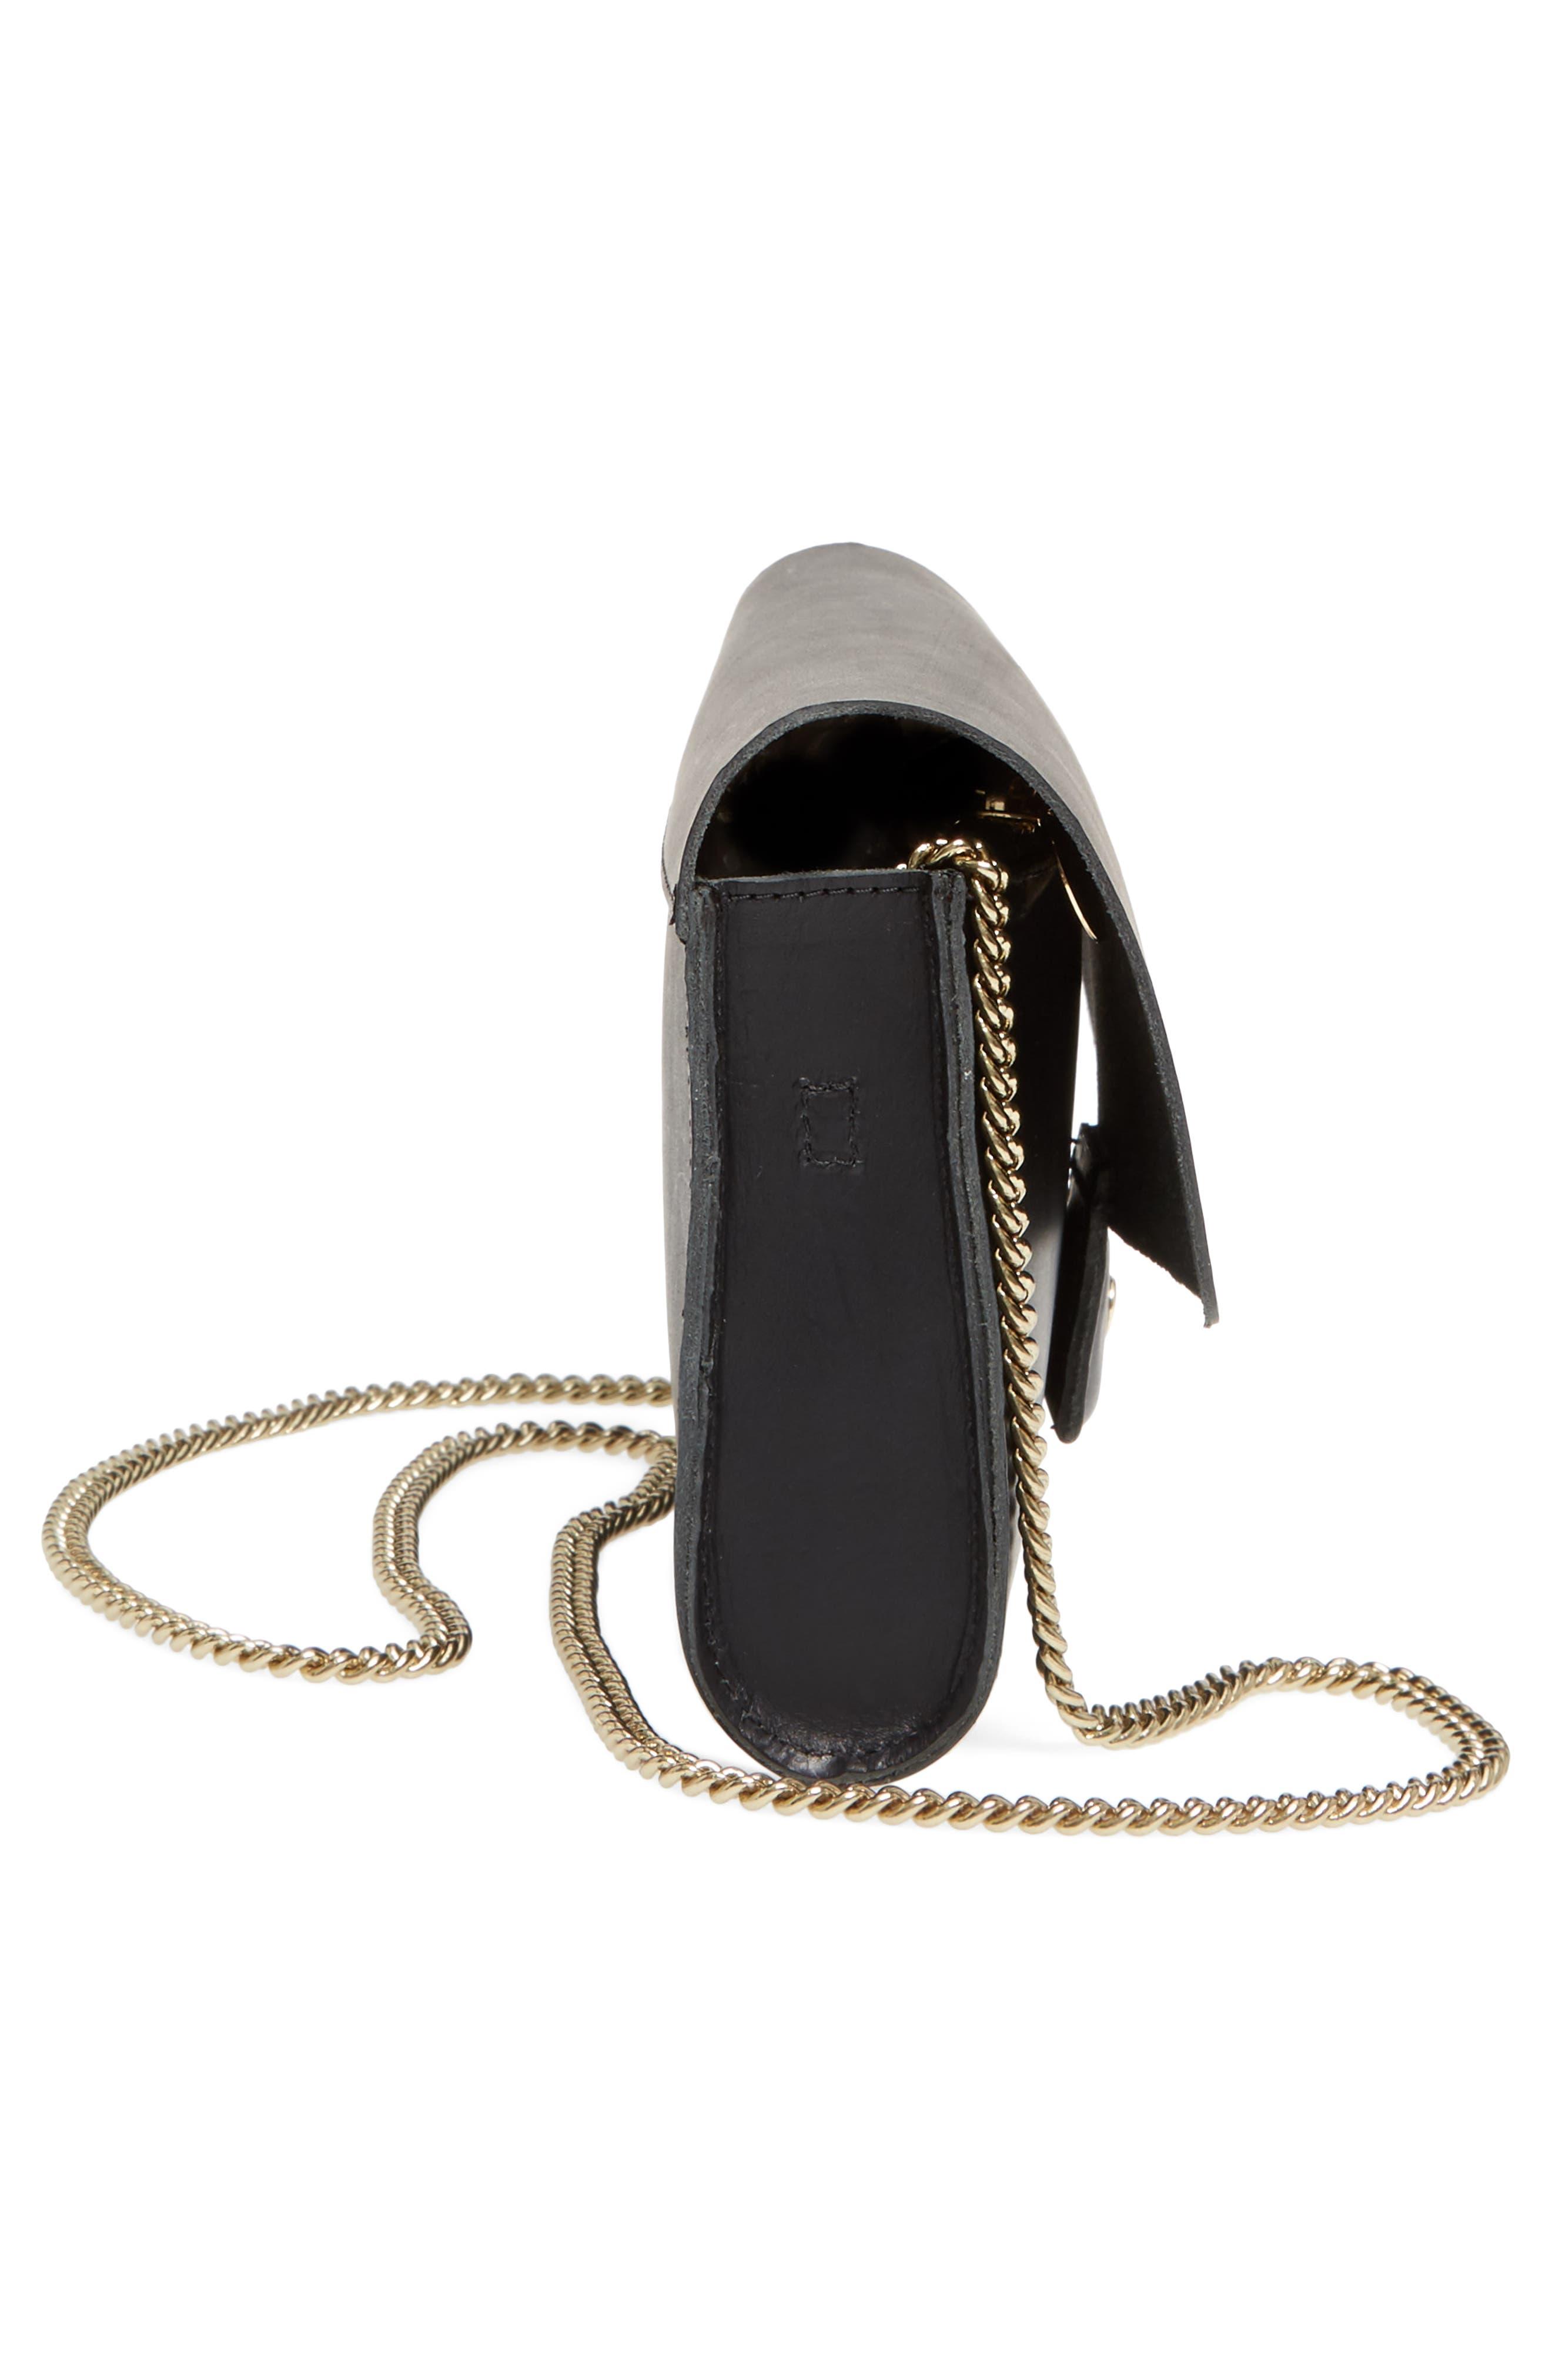 Colette Maison Leather Shoulder Bag,                             Alternate thumbnail 5, color,                             001